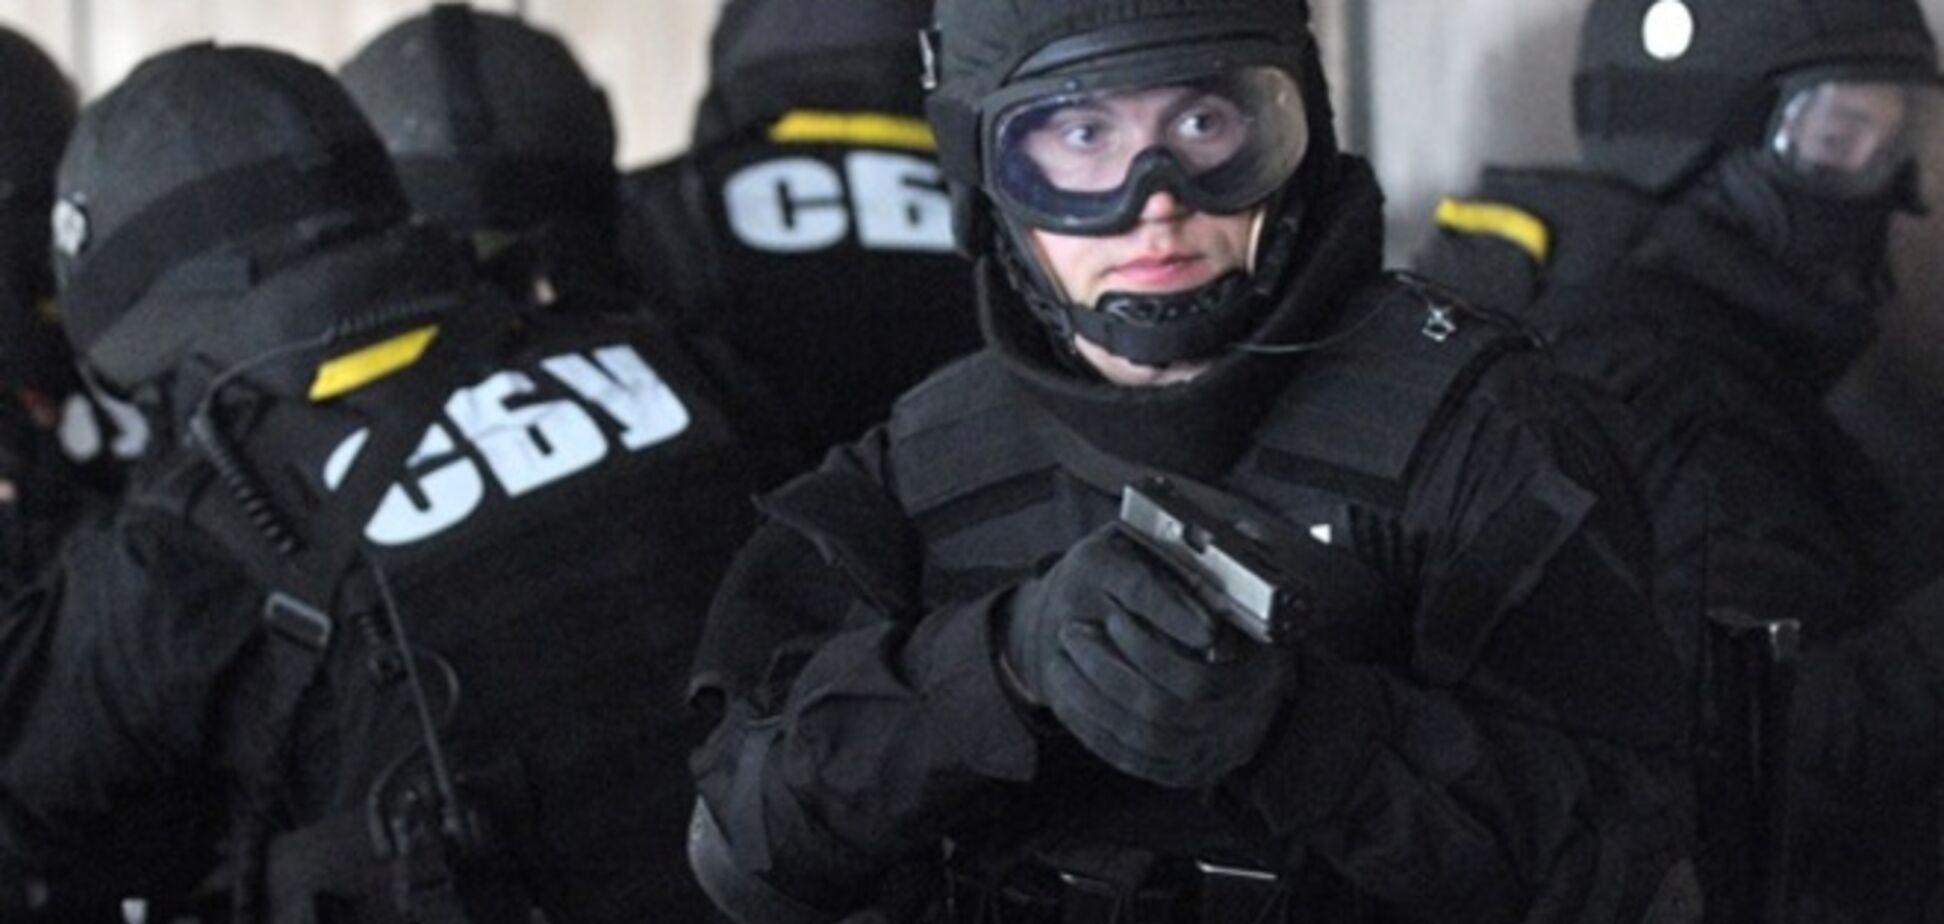 В Украине объявлен усиленный режим по борьбе с терроризмом